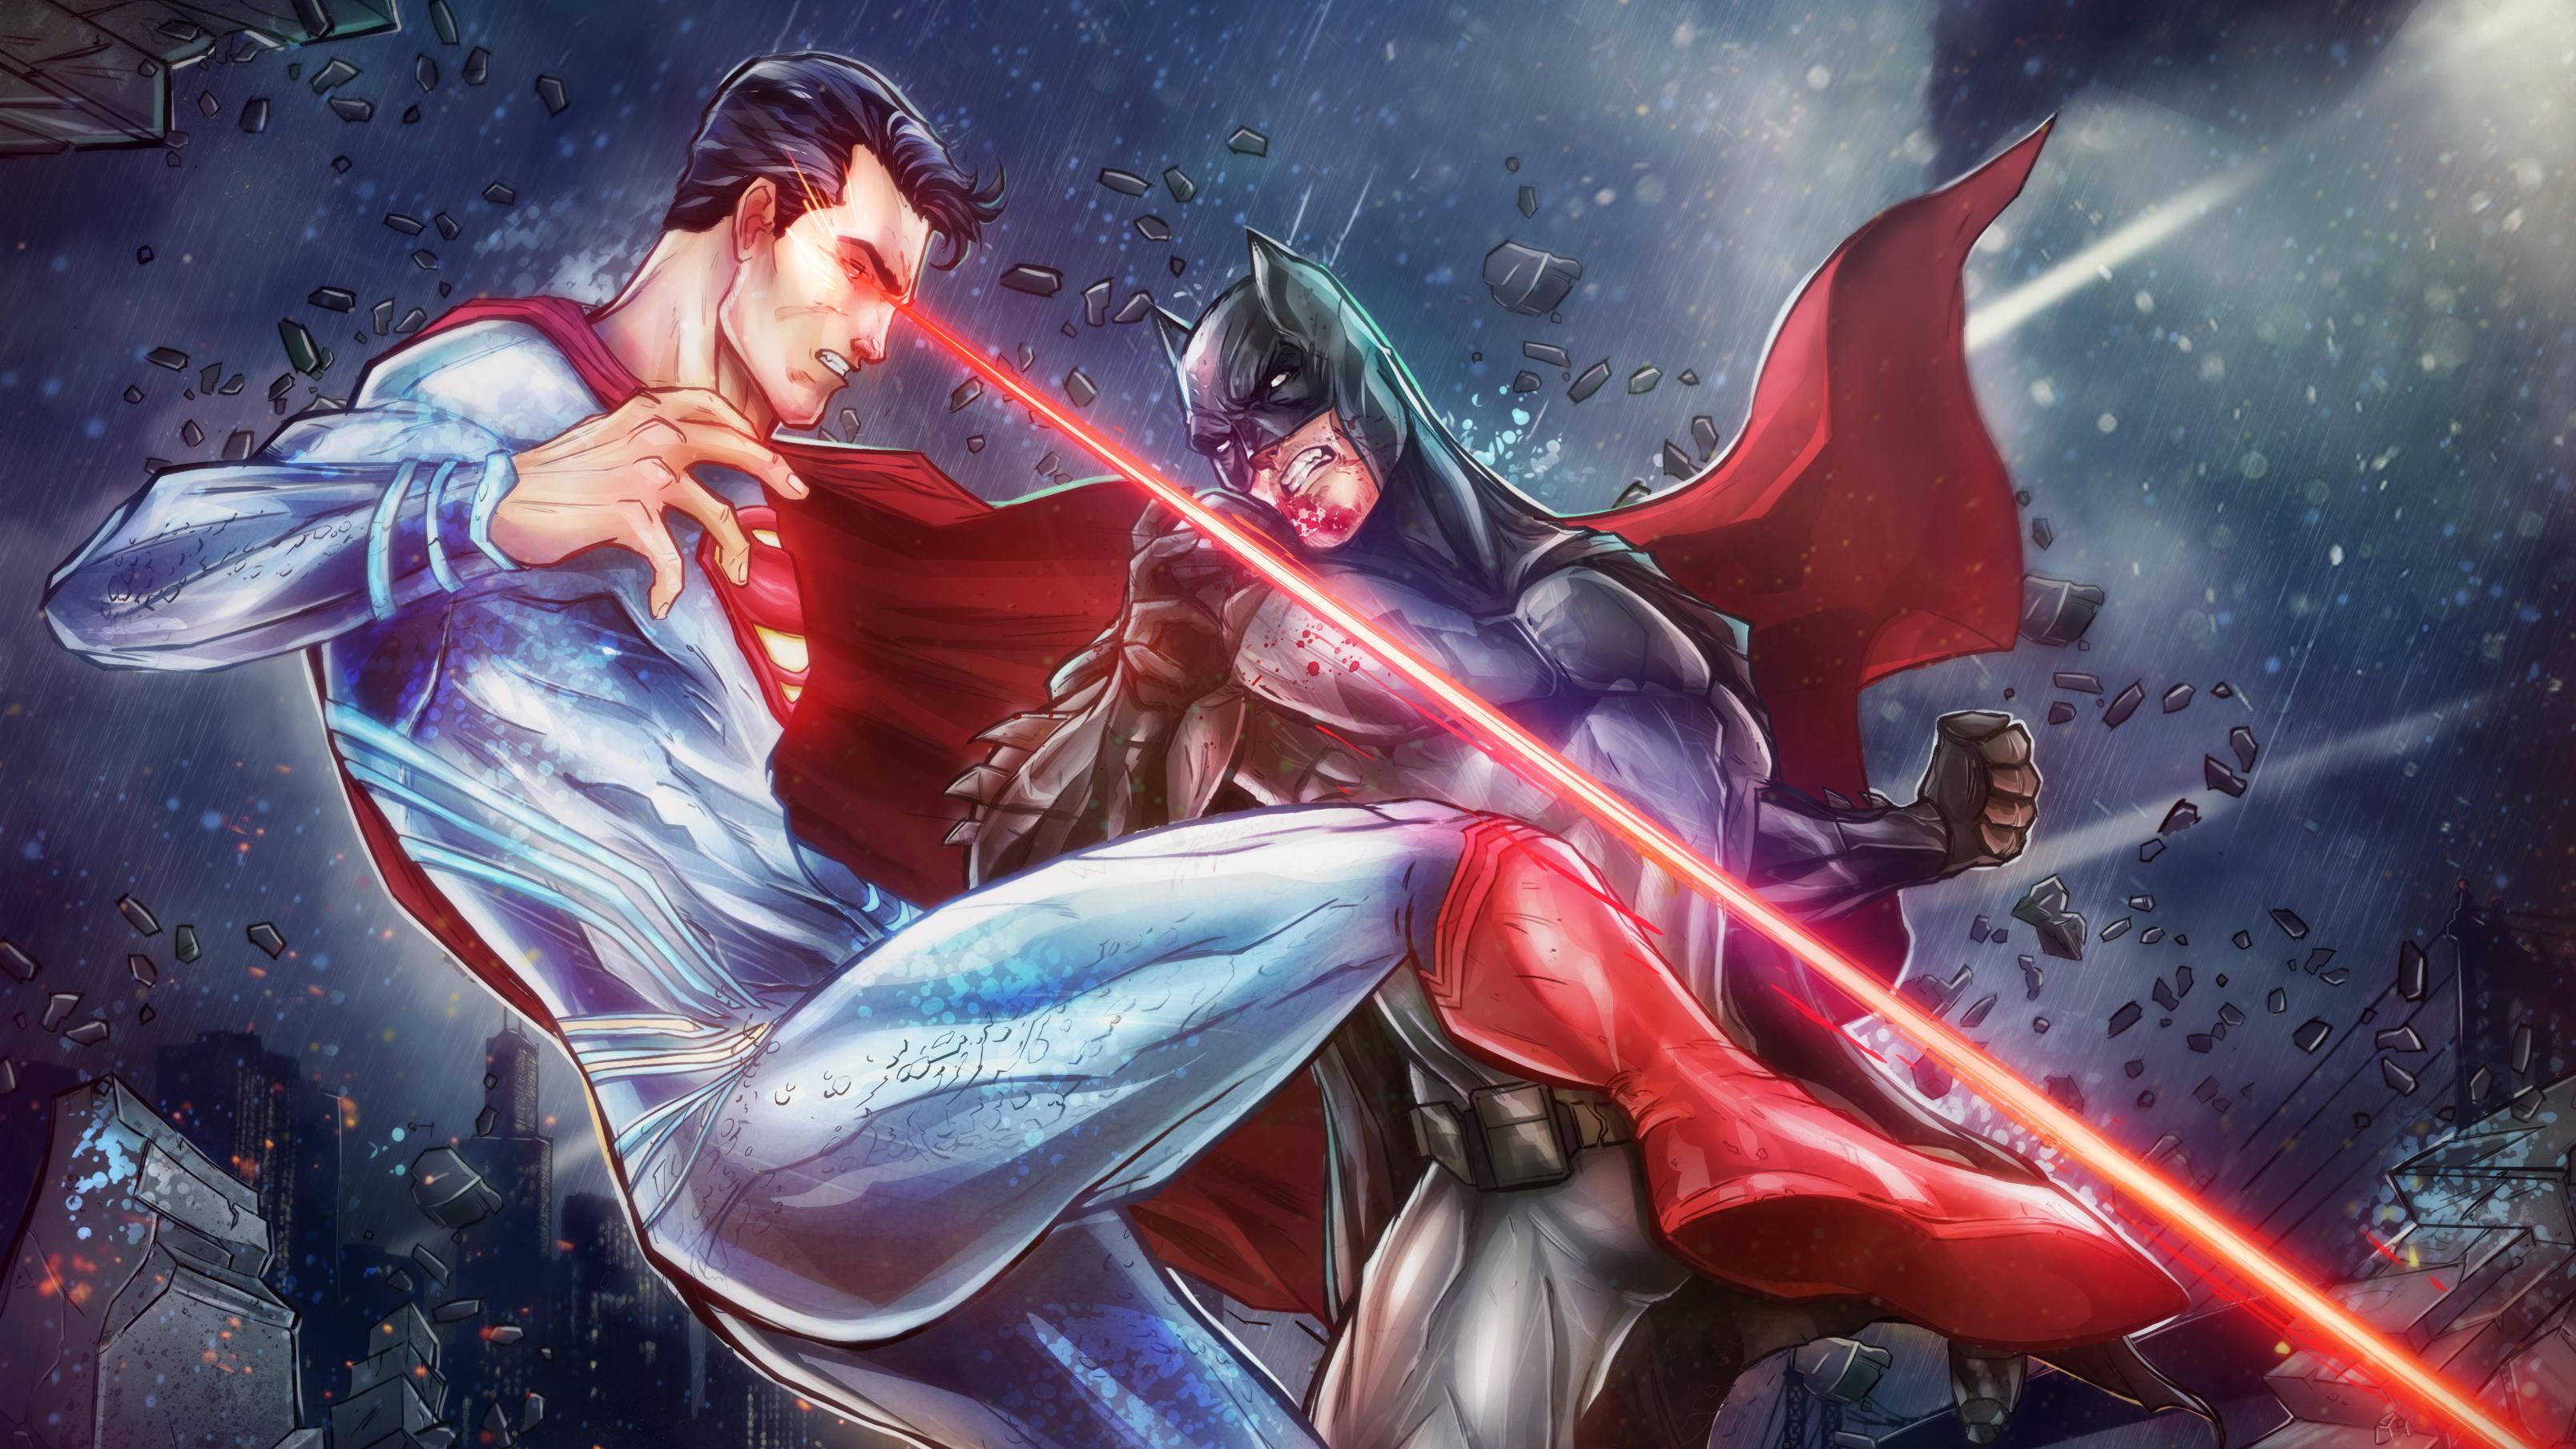 Batman Vs Superman Arts, HD Superheroes, 4k Wallpapers ...